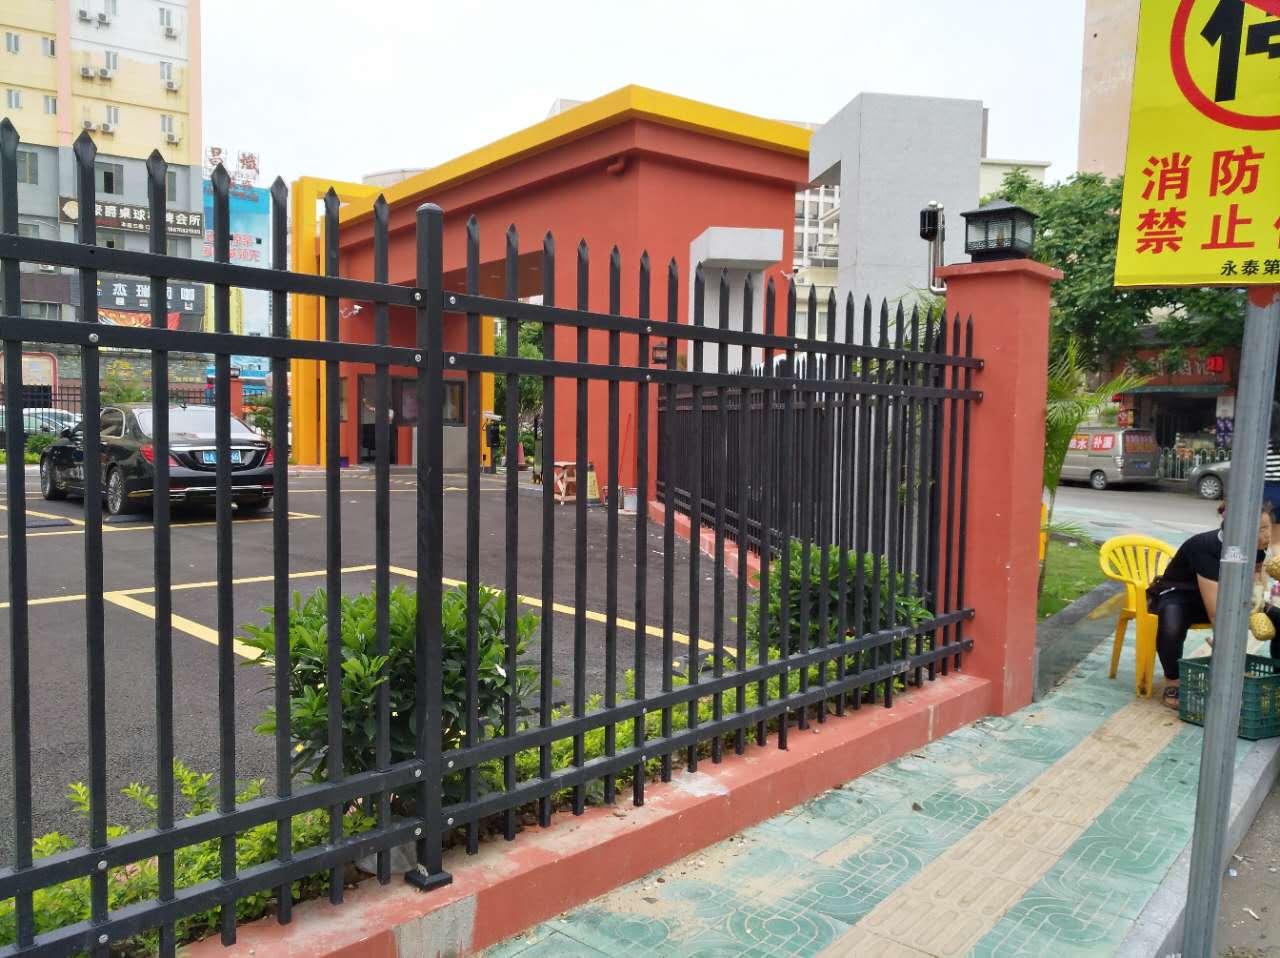 湛江工地外围护栏酒店停车场栅栏高速宿舍区护栏款式